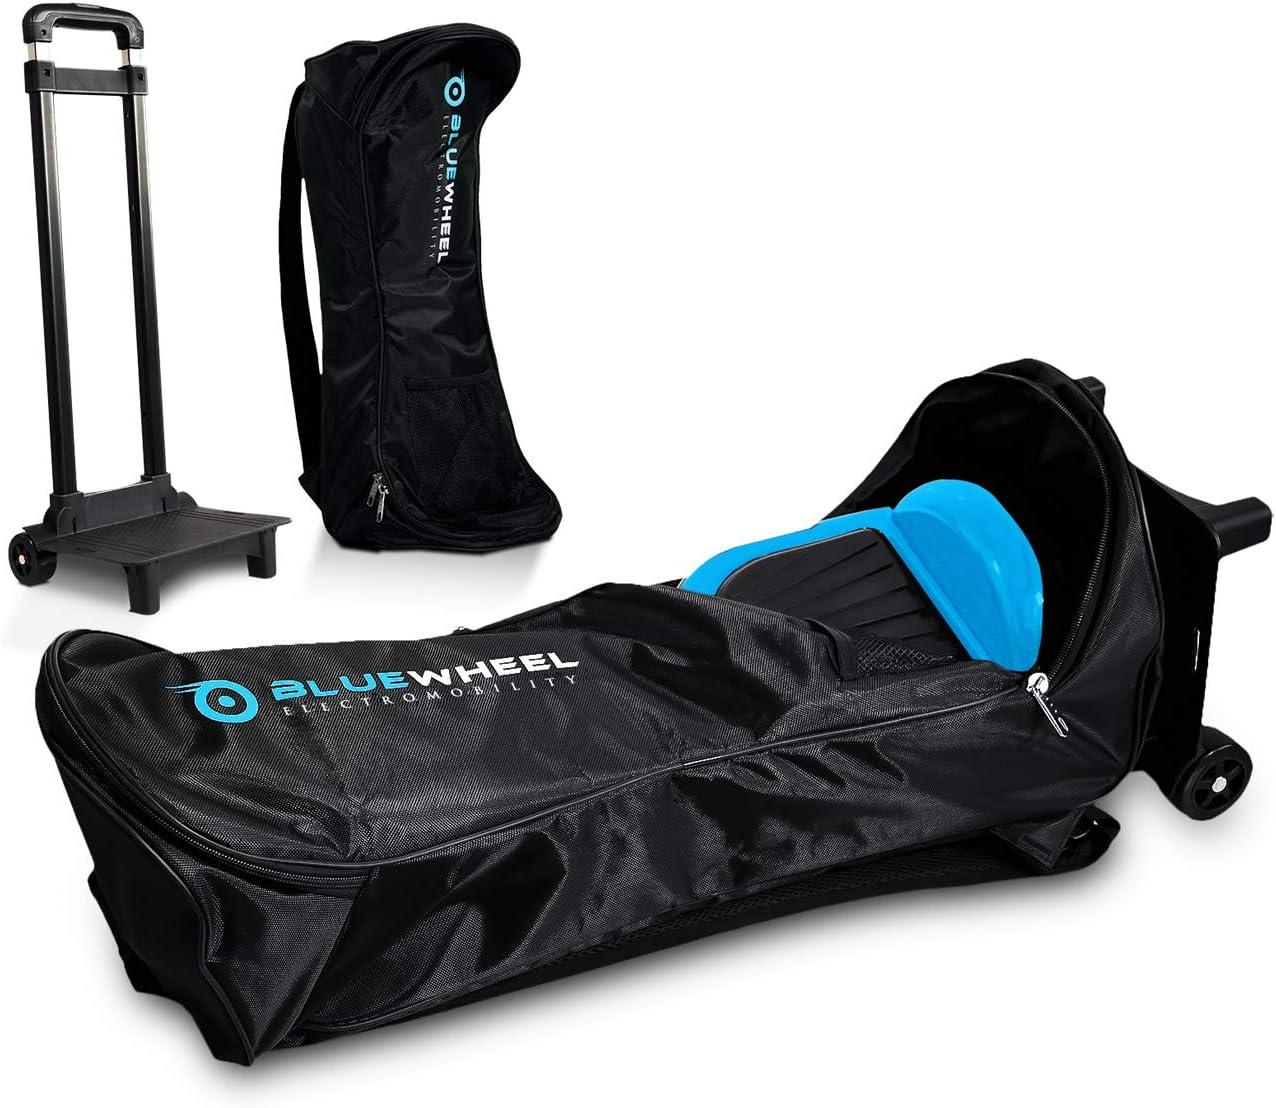 Mochila para Hoverboard - Bluewheel CASE6.5 / CASE10 - Trolley con 2 Ruedas, 2 almohadones para la Espalda, asa retráctil y Bolsillos - Repelente al Agua y Duradero - para 6,5 o 10 Pulgadas